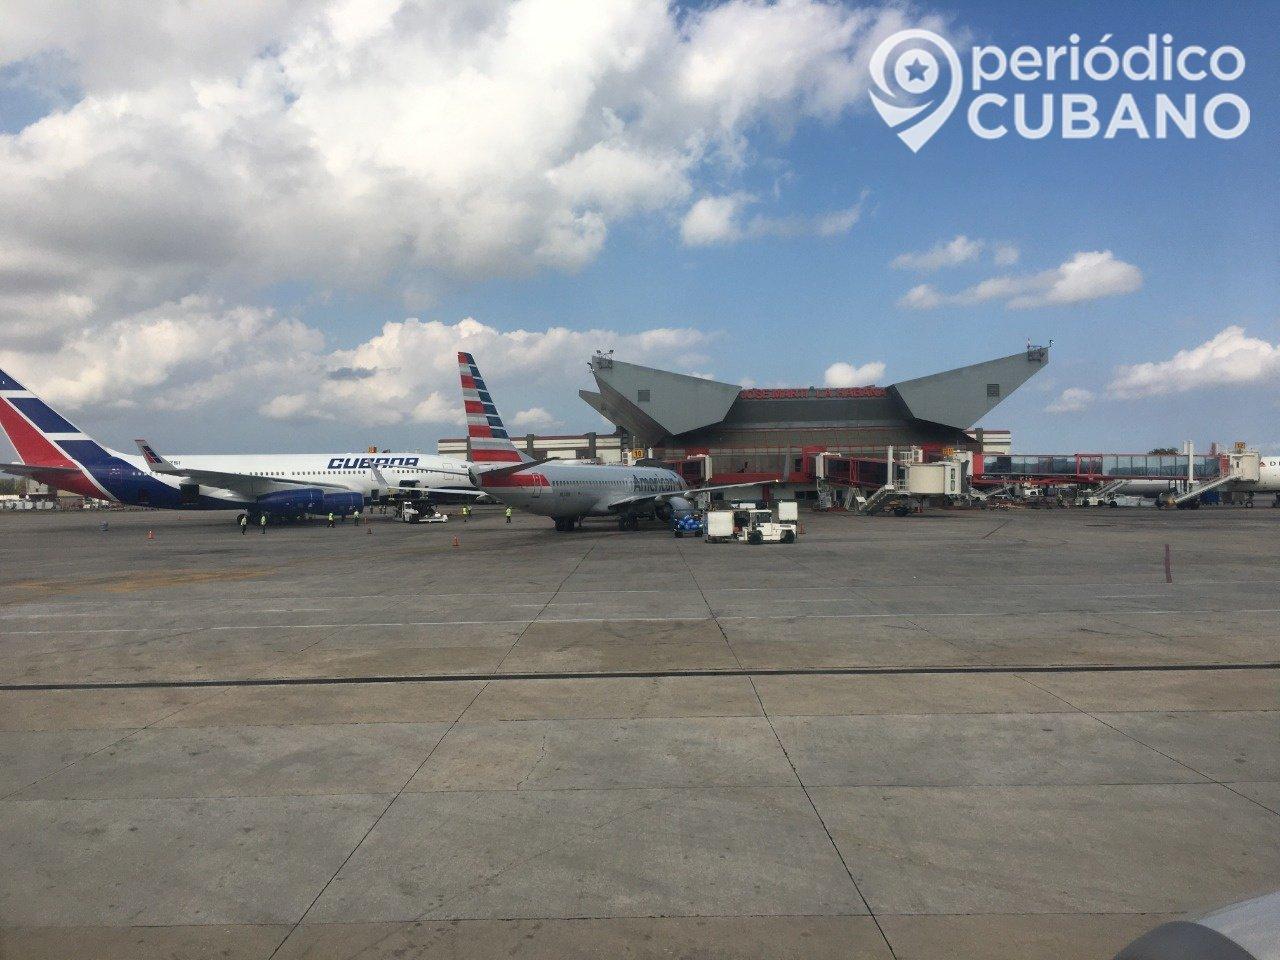 Estados Unidos prohíbe los vuelos chárter a los aeropuertos cubanos a excepción de La Habana